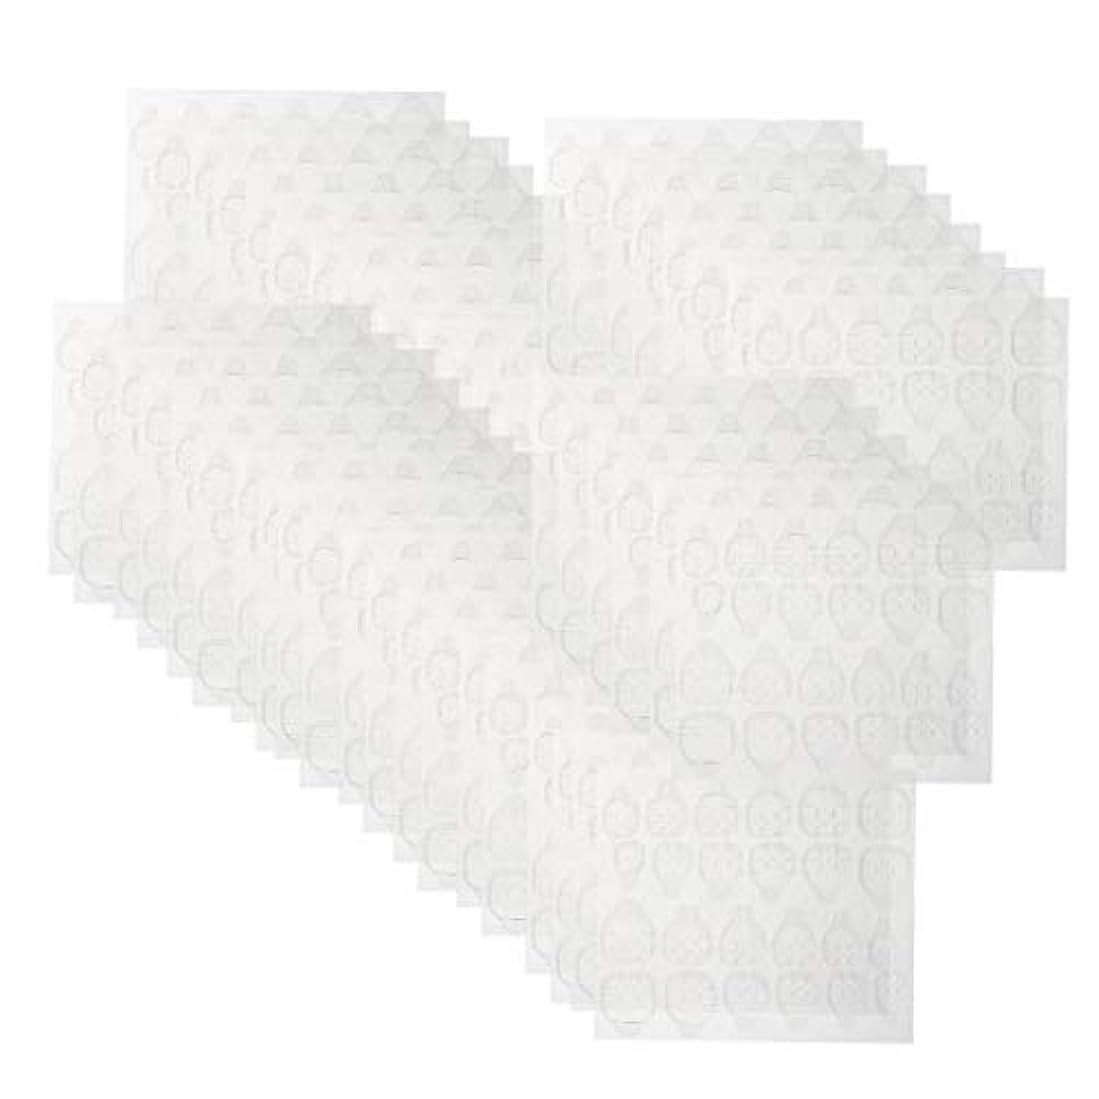 共同選択性的最高ネイルタブ クリア ネイル接着剤タブ マニキュアスティック ネイルケア 約240ピースセット